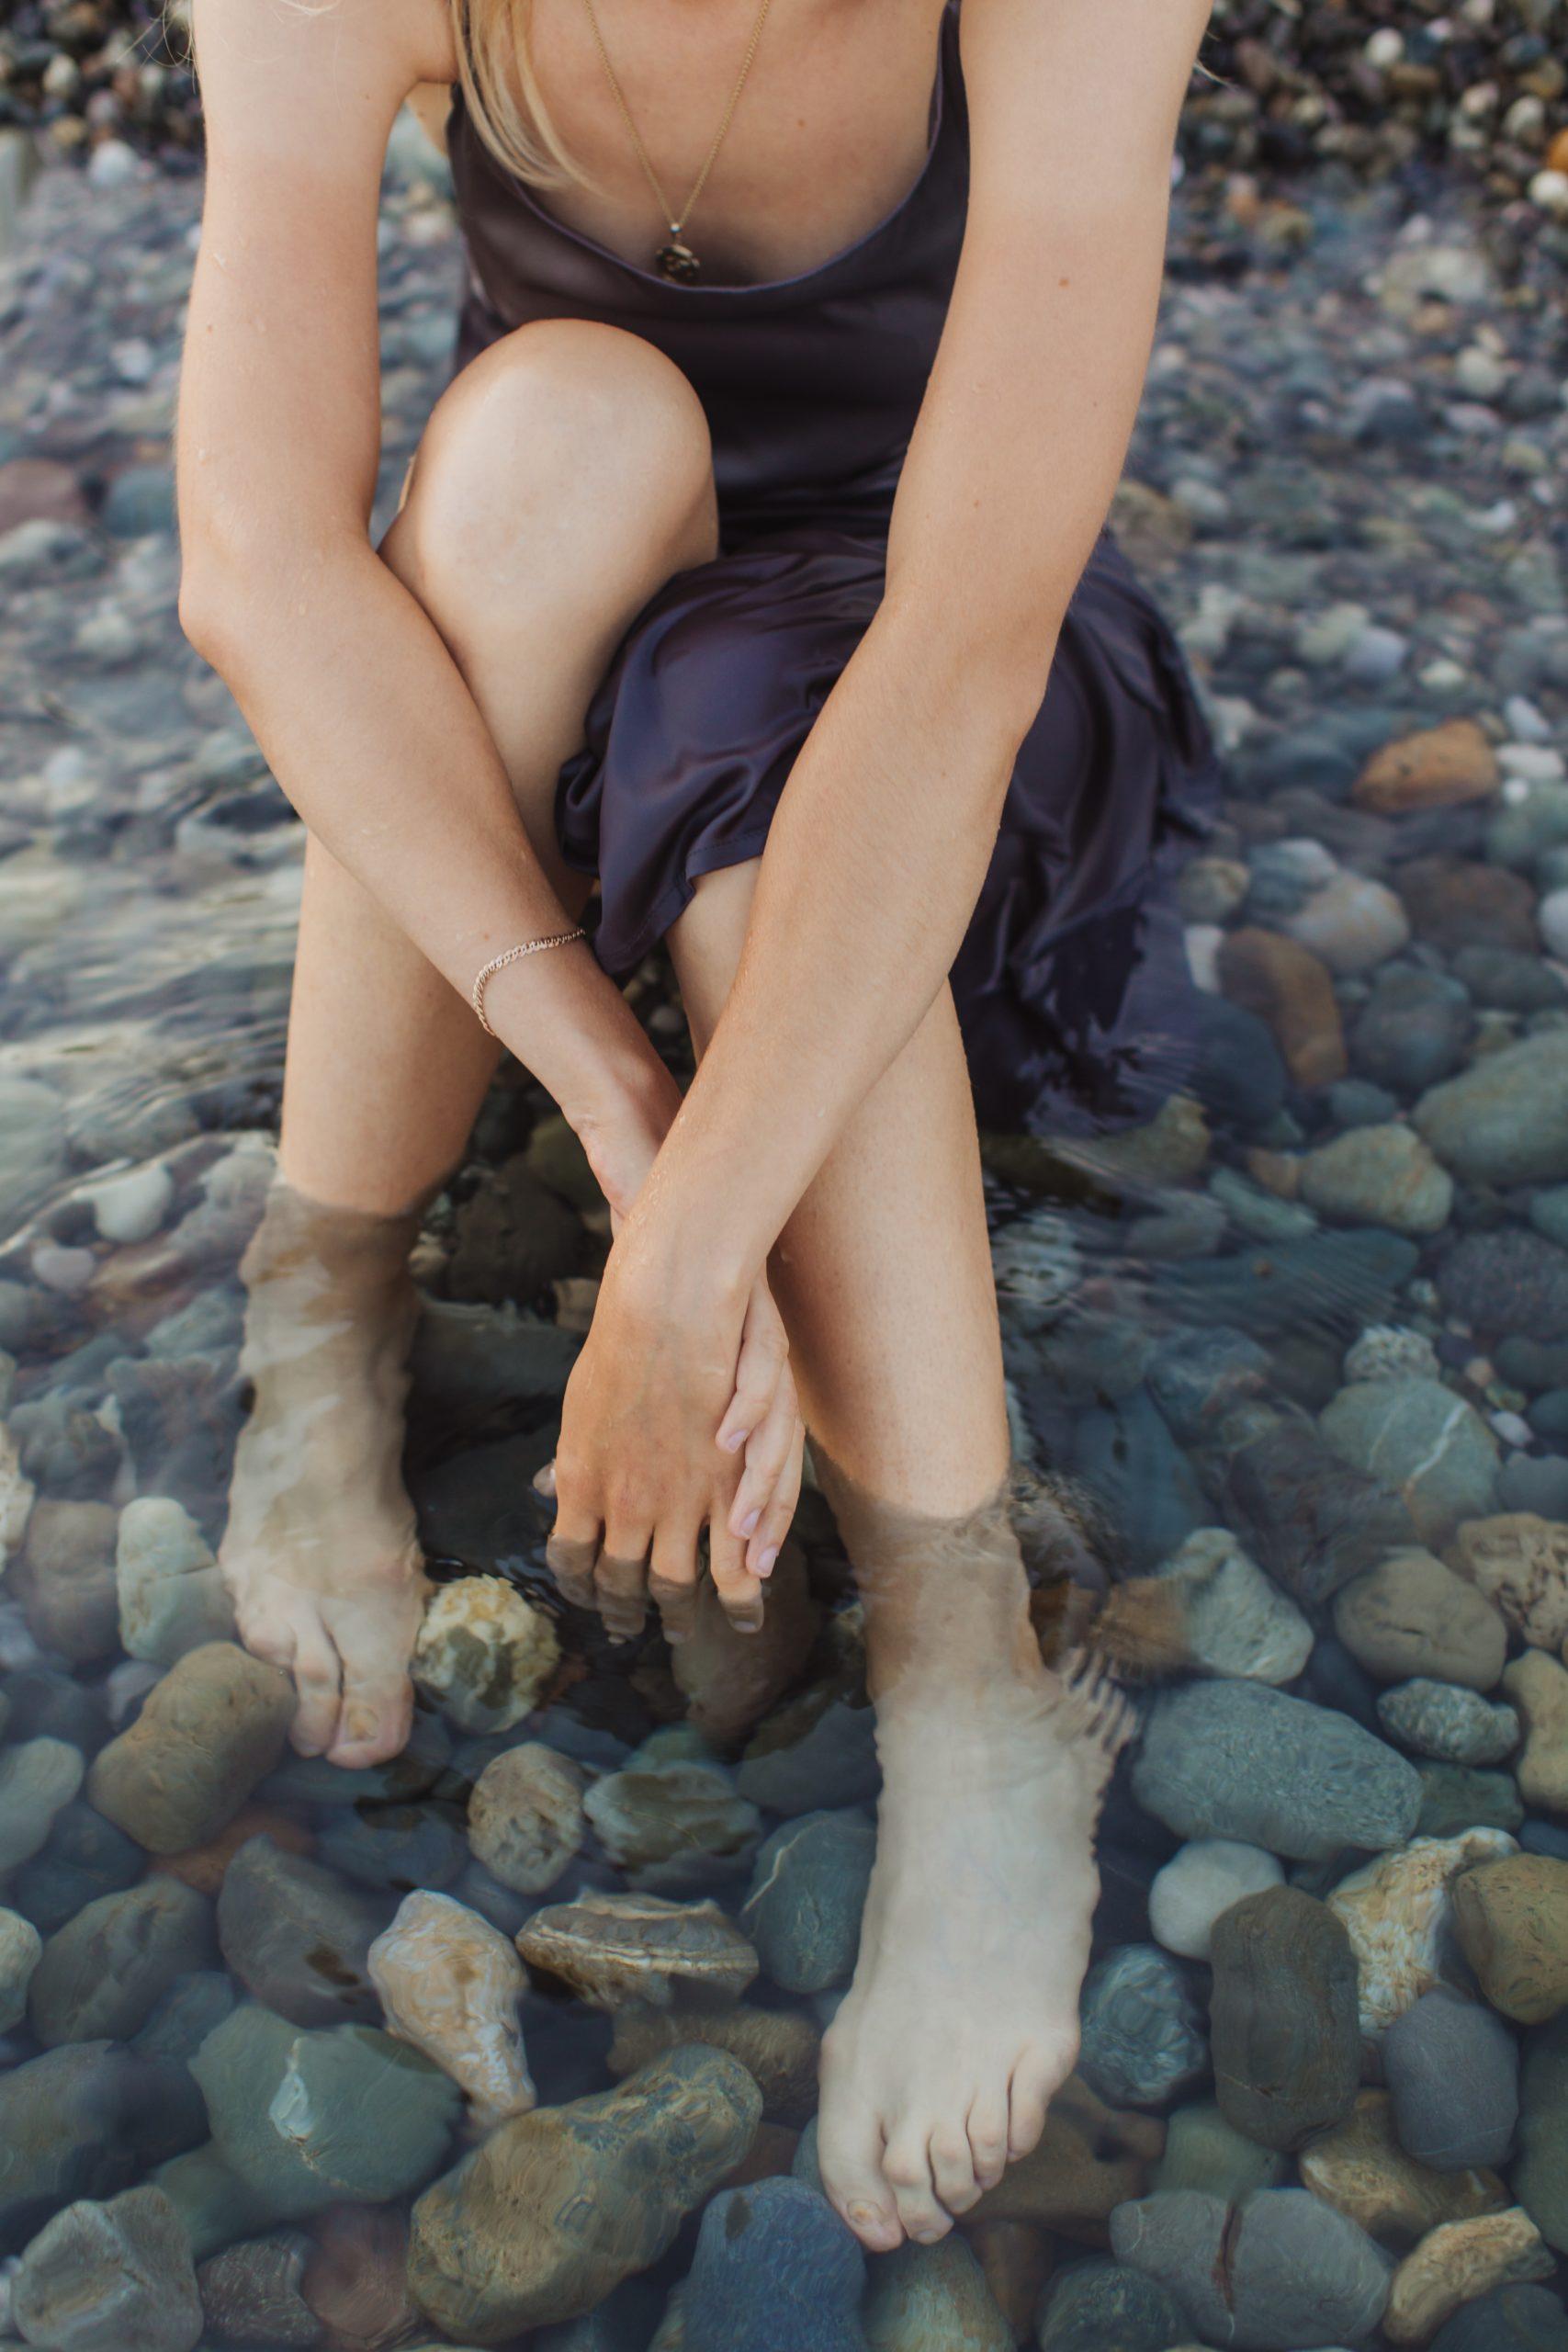 Profitez d'un bon bain en pleine nature sauvage permet de se connecter à la nature.